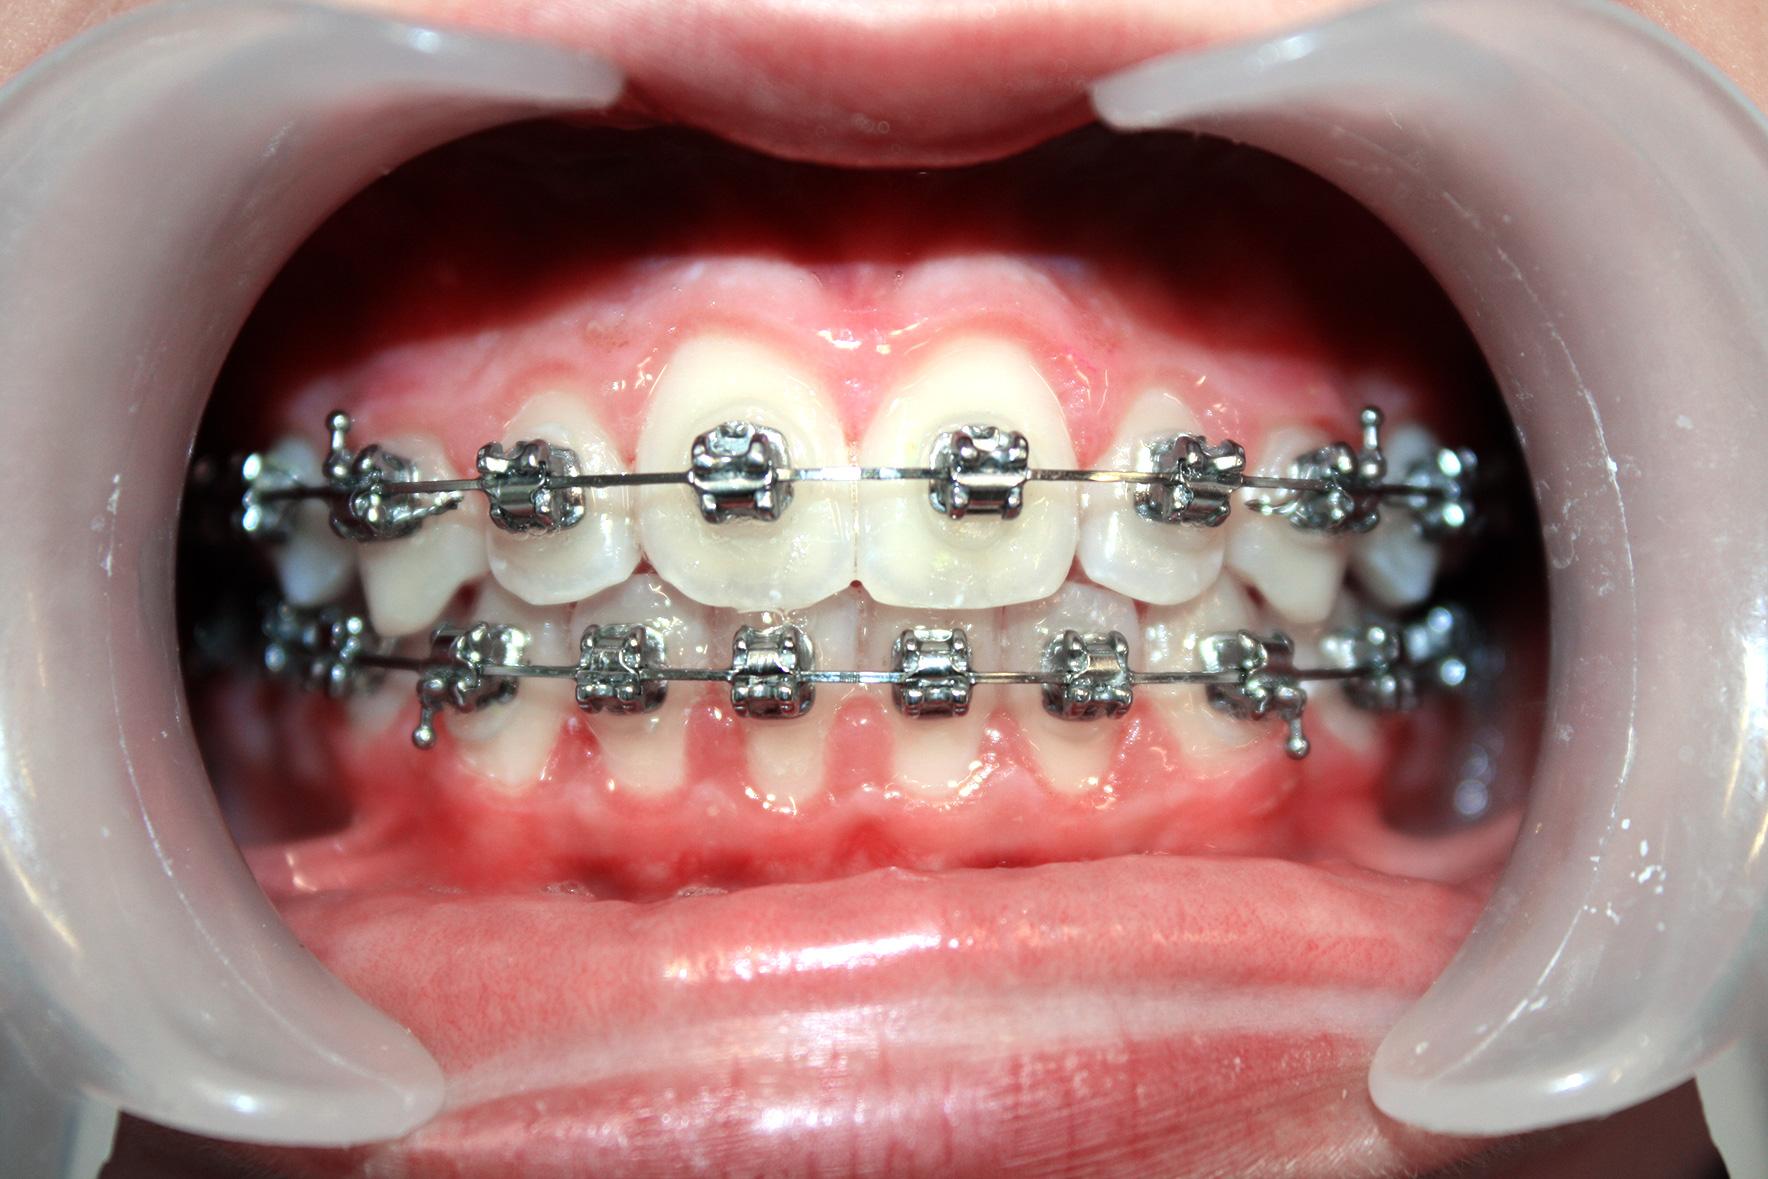 Nachher: Säuberung und Pflege der Zähne nach dem kieferorthopädischen Schutzprogramm